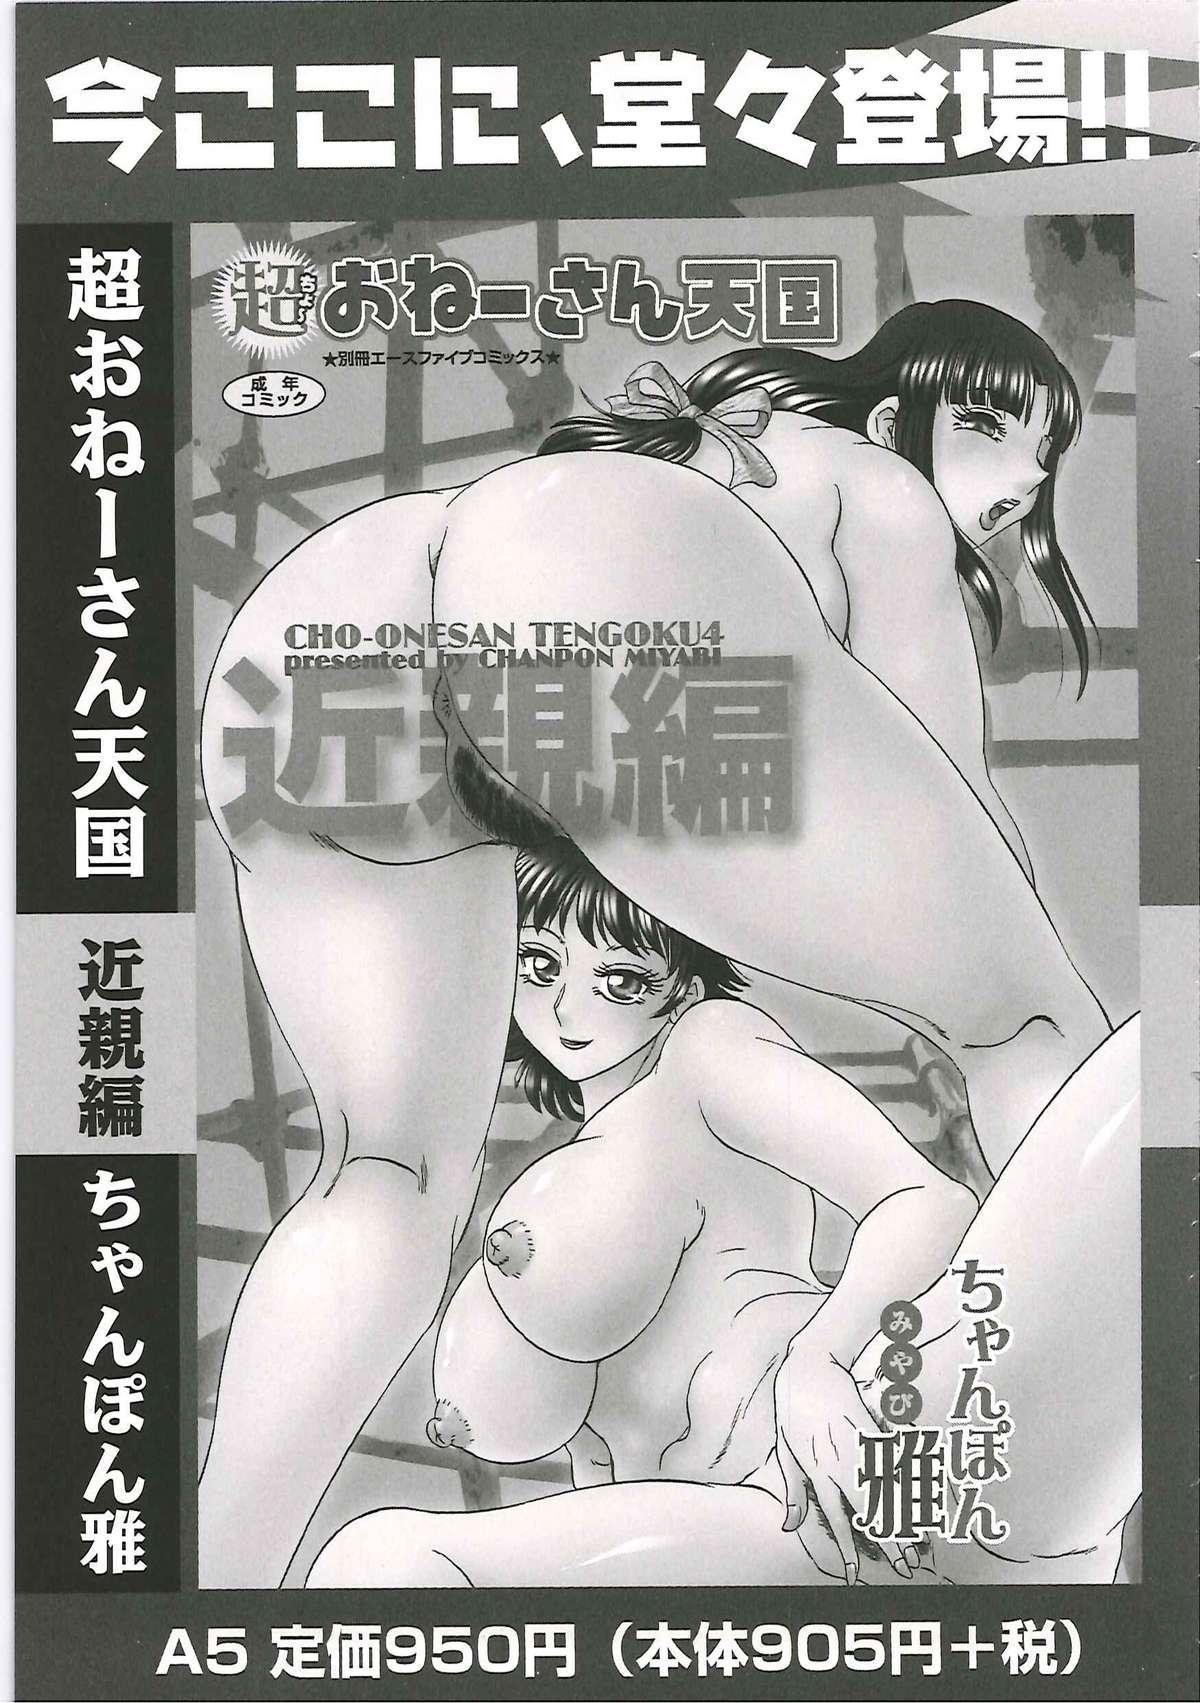 [Chanpon Miyabi] Cho-Onesan Tengoku 6 -Tenrakuhen- 178